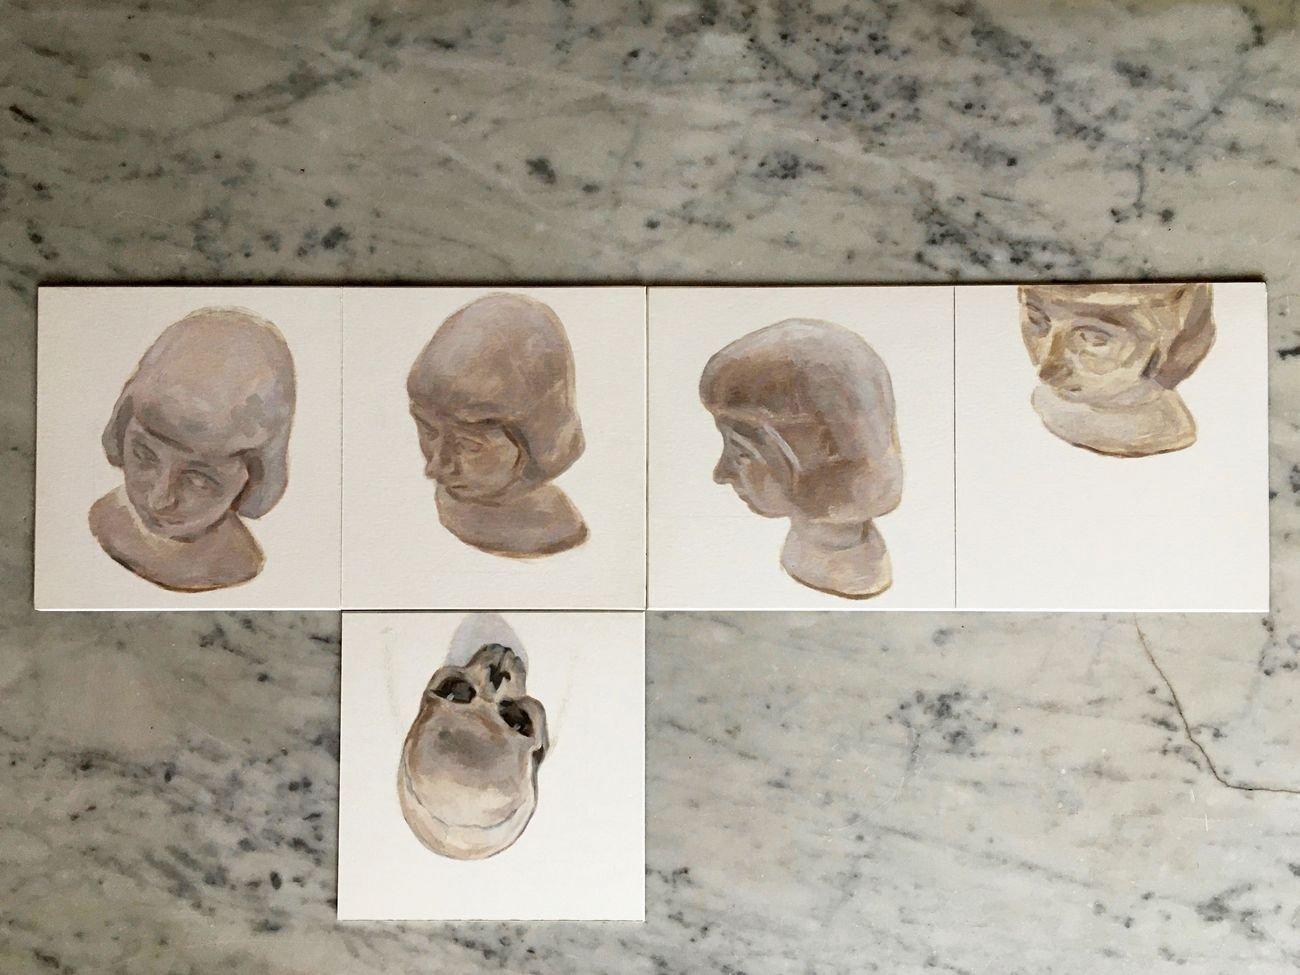 Sarah Ledda, Scatolaperta, 2021, 5 dipinti, olio su cartoncino, cm 21x21x22,5